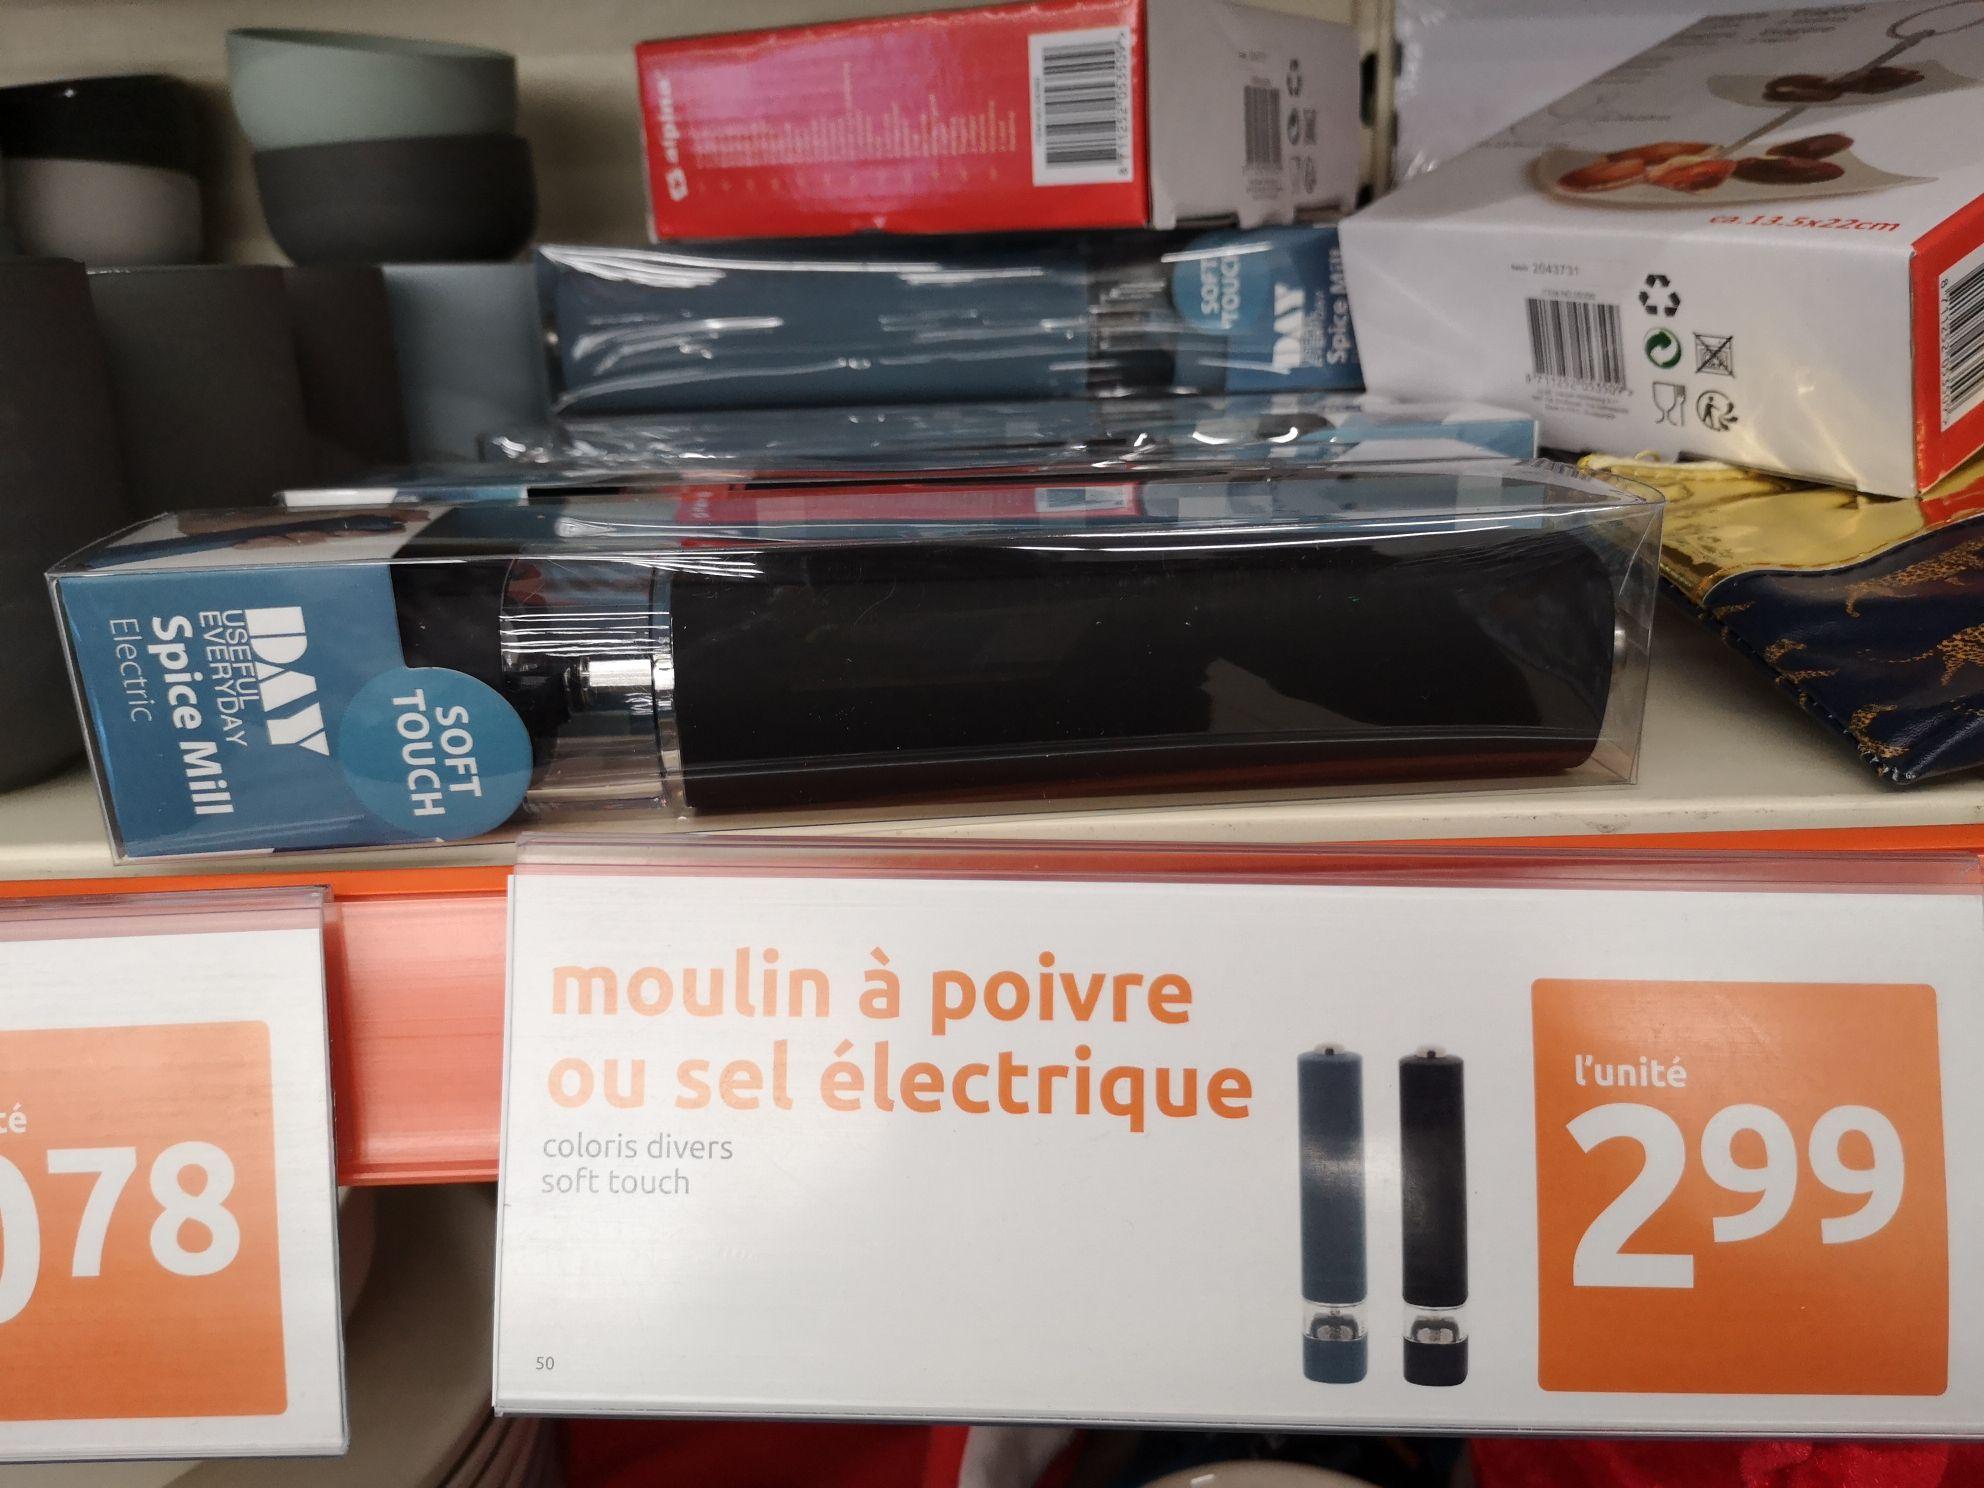 Moulin à épices électrique, sel ou poivre (Savigny-sur-Orge 91)